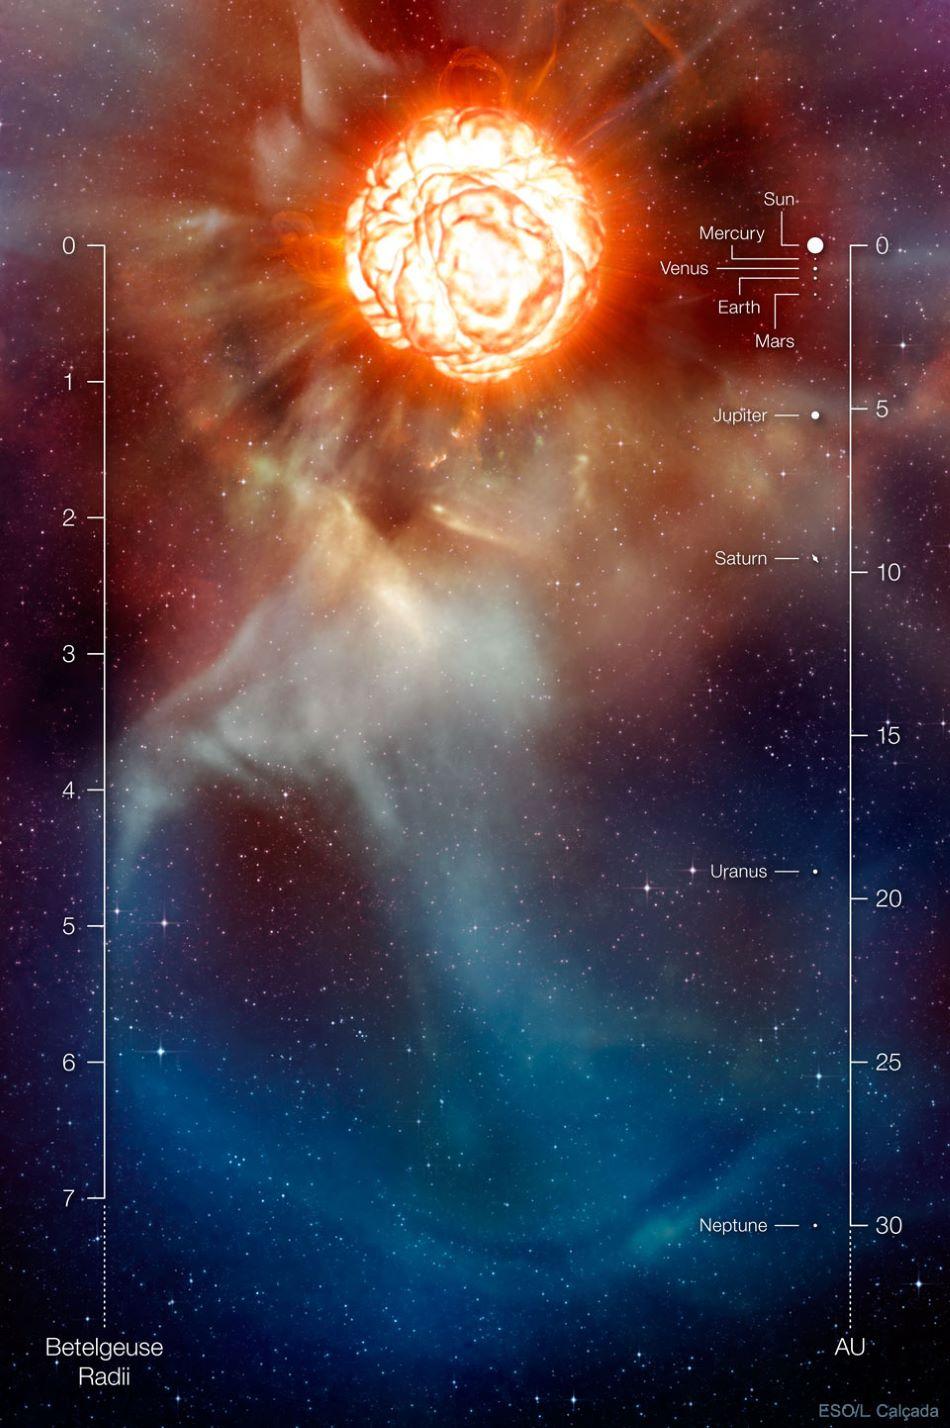 Umělecká rekonstrukce pravděpodobného aktuálního vzhledu červeného veleobra Betelgeuze. Na měřítku vlevo vidíme vzdálenosti ve Sluneční soustavě. Dosahovala by téměř až k dráze Jupitera, Země by byla blíže středu hvězdy než povrchu, výtrysky plynů by dolétly za dráhu Neptuna, obr. ESO/L. Calcada.